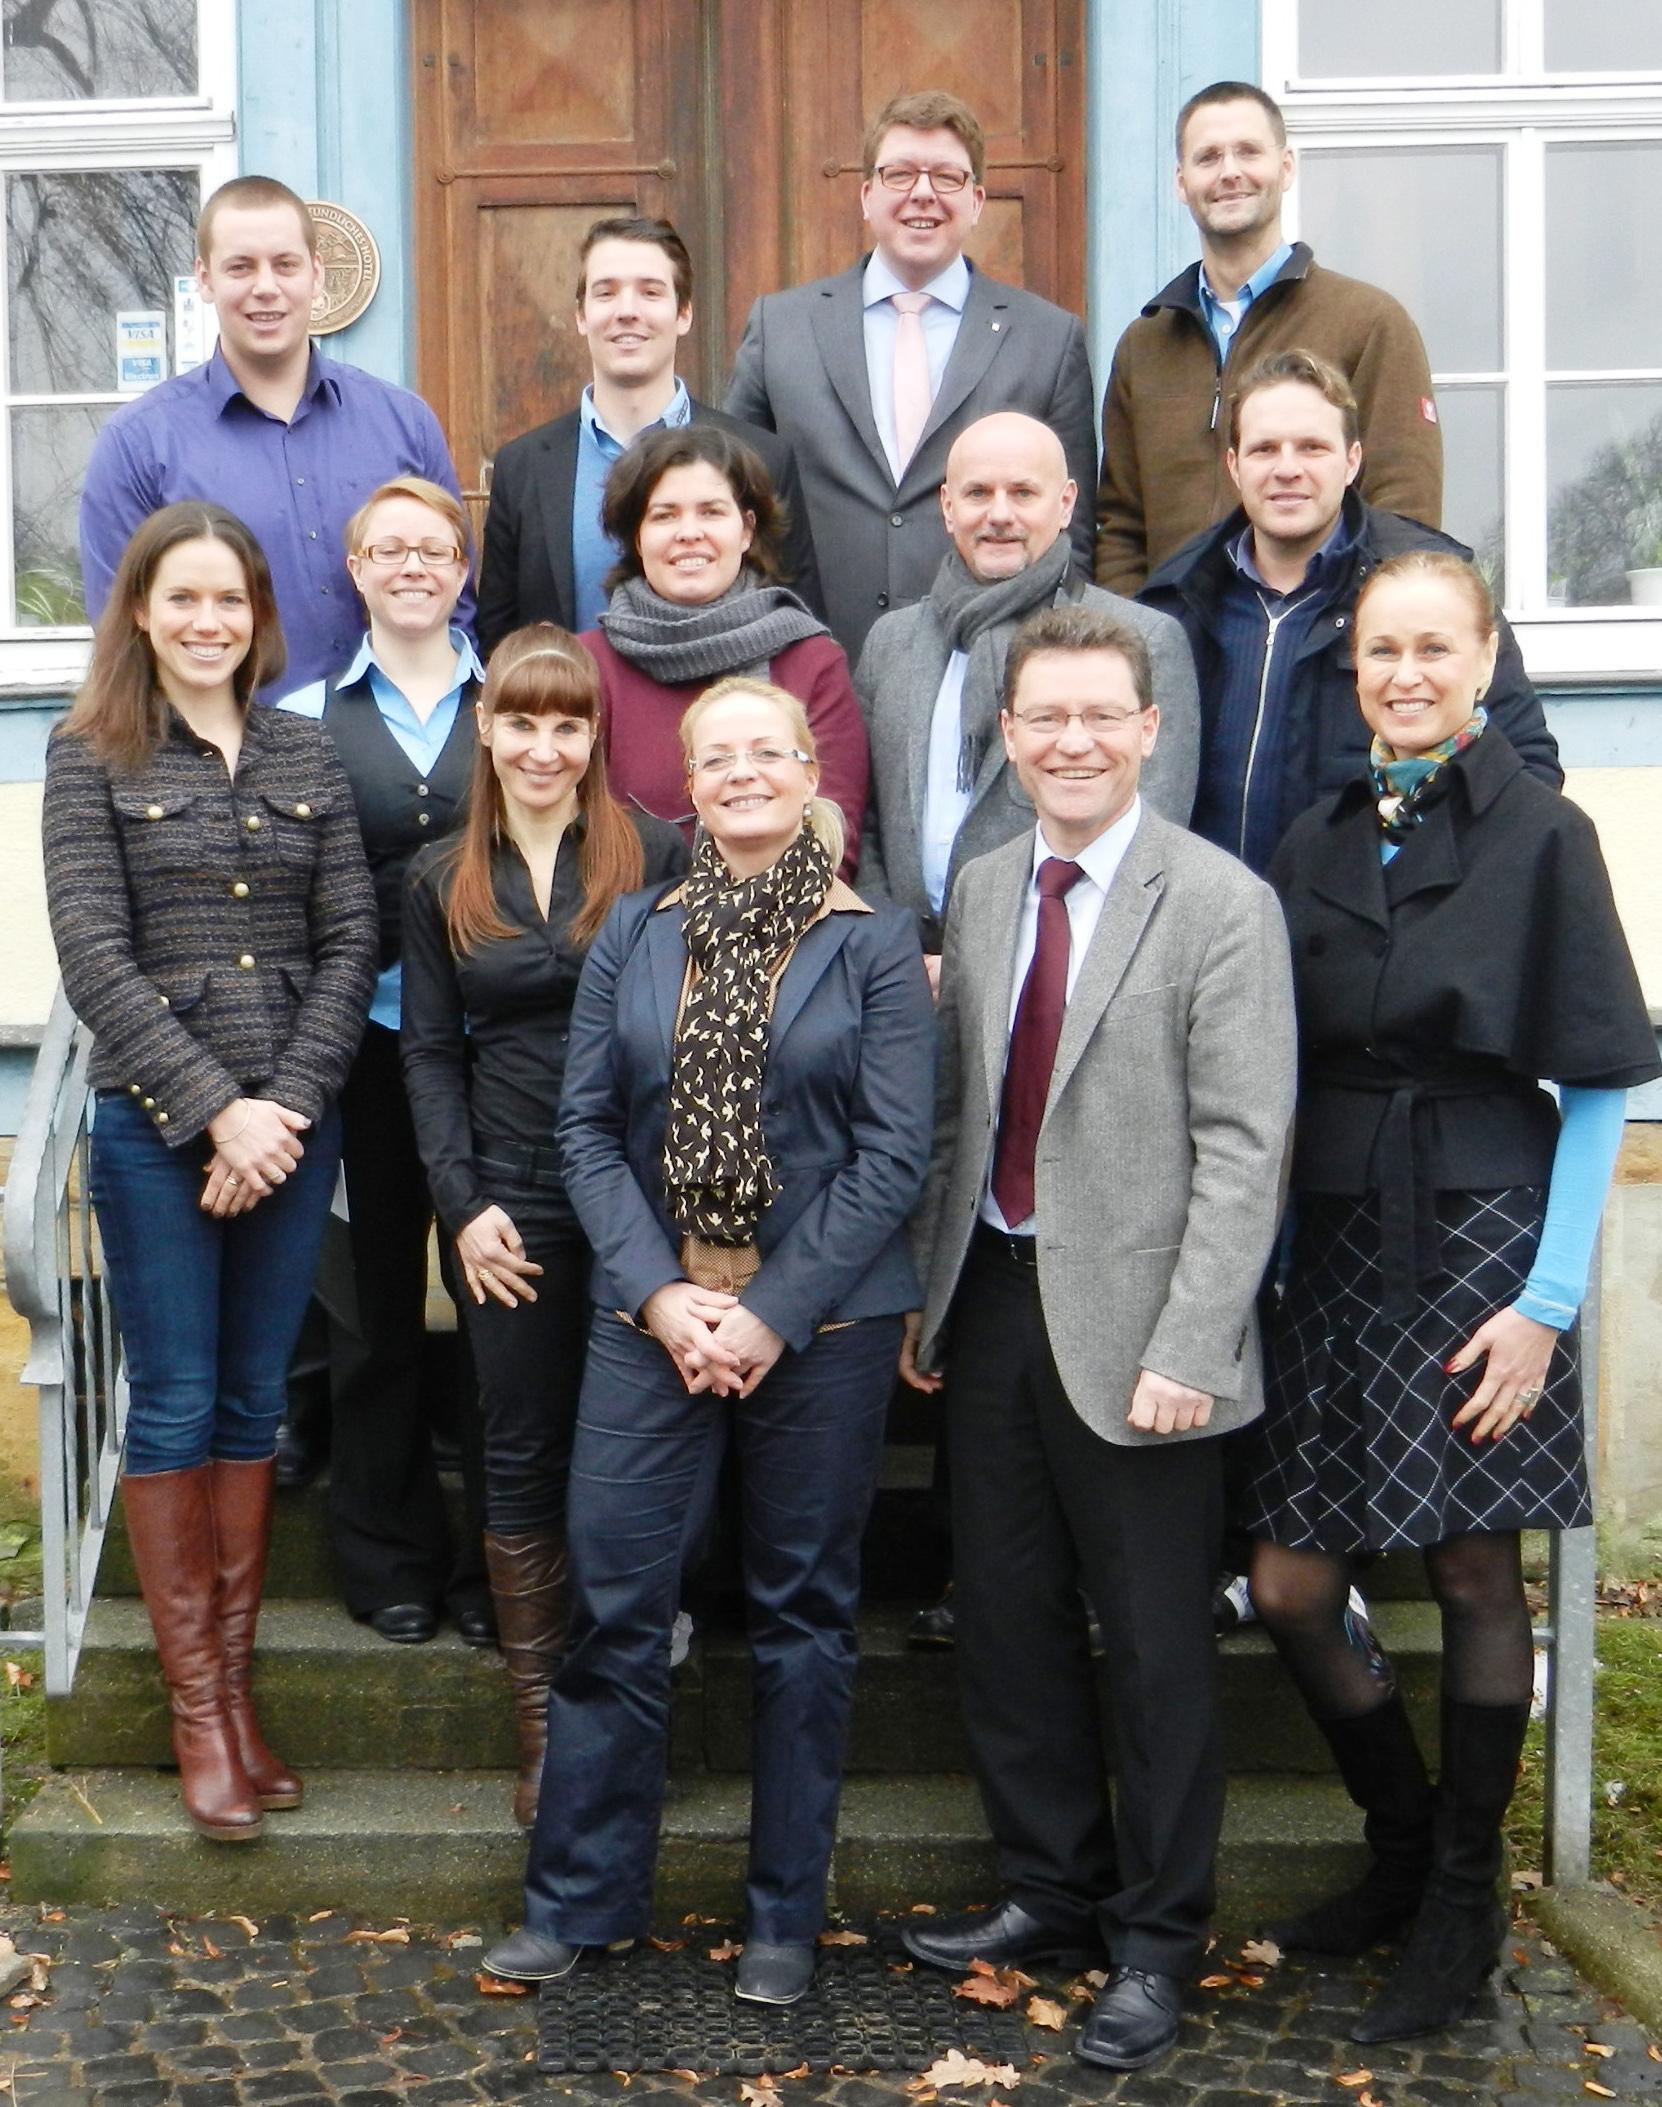 Weiterbildung zum  Franchise-Manager (IHK): 10 Absolventen feiern erfolgreichen Abschluss